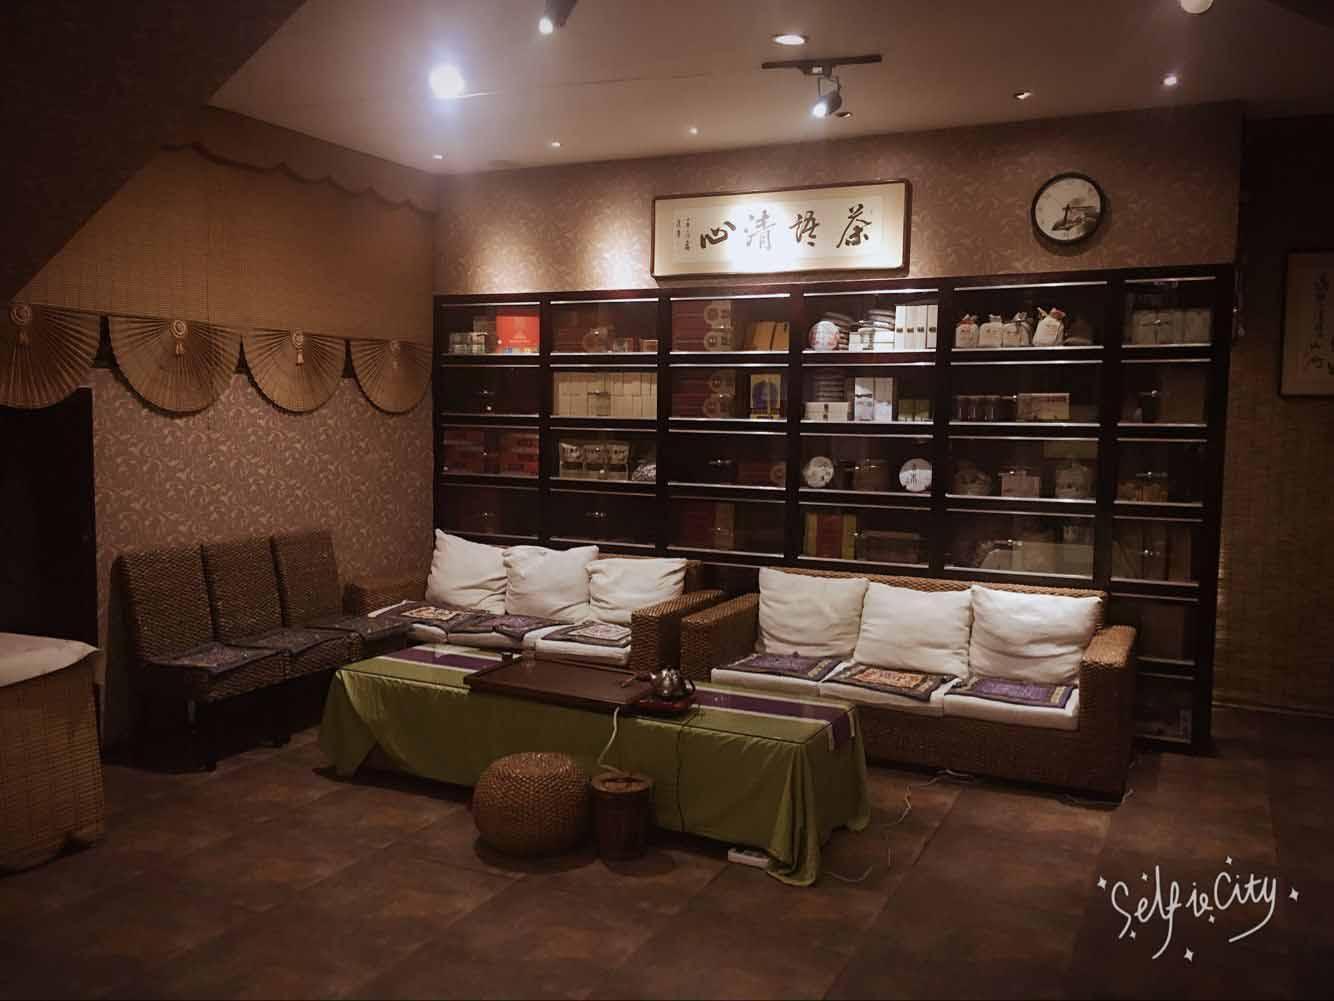 中国臧茶馆文化